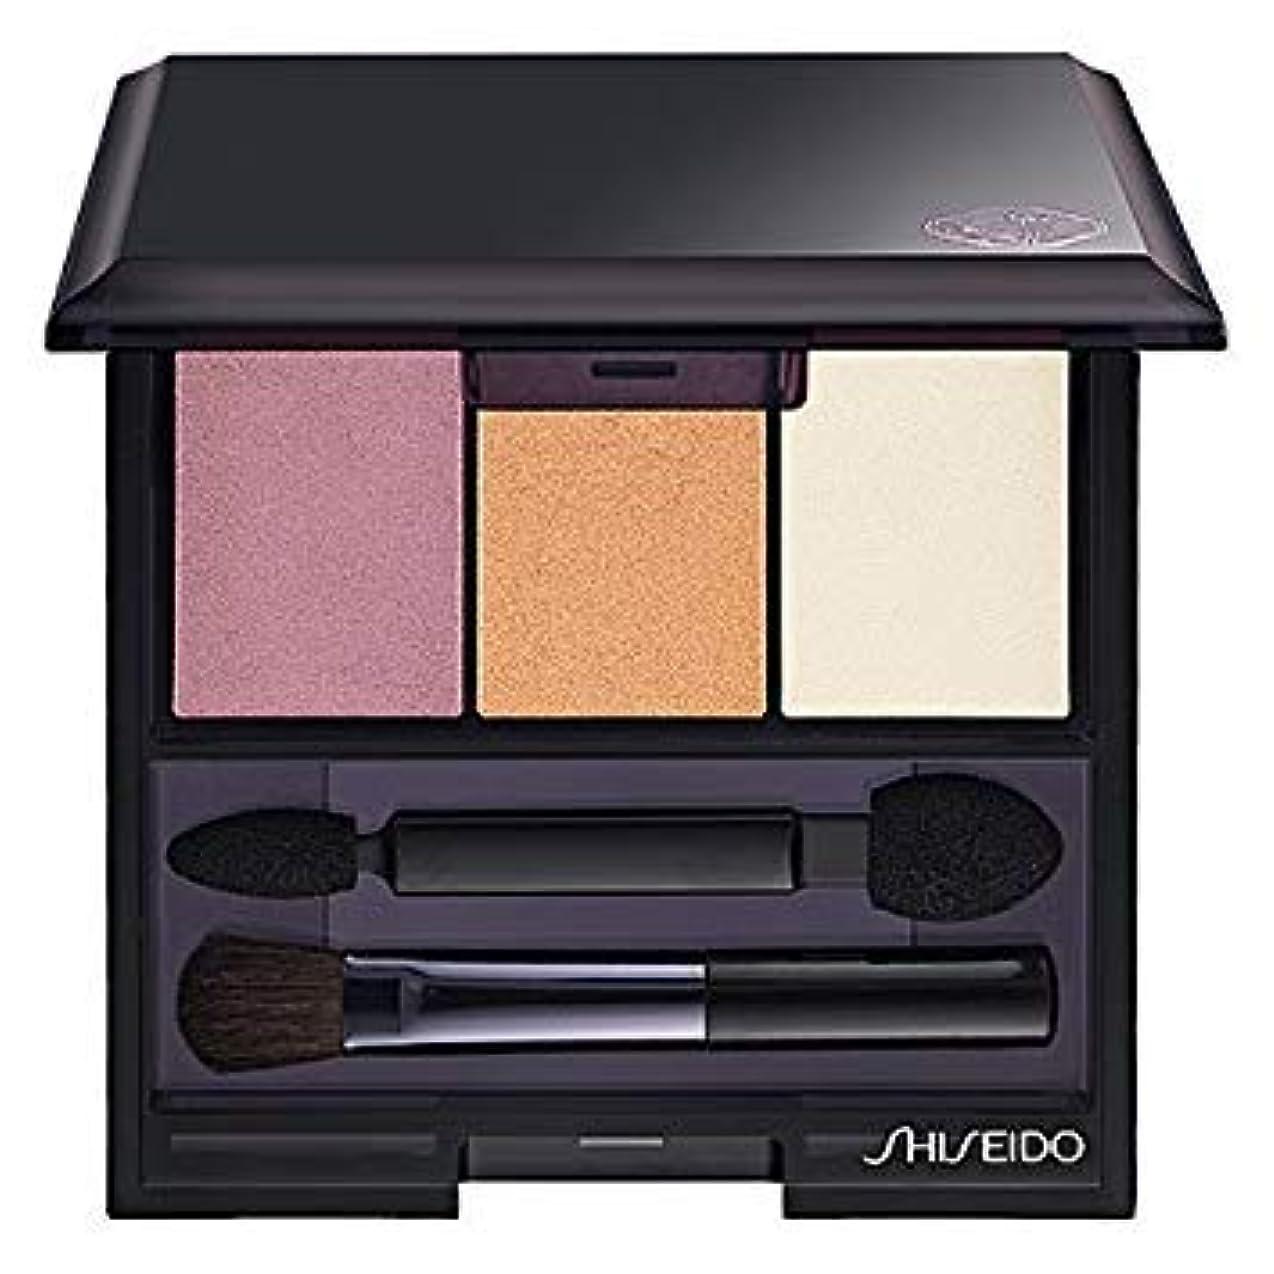 用語集スパイ革命資生堂 ルミナイジング サテン アイカラー トリオ RD299(Shiseido Luminizing Satin Eye Color Trio RD299) [並行輸入品]